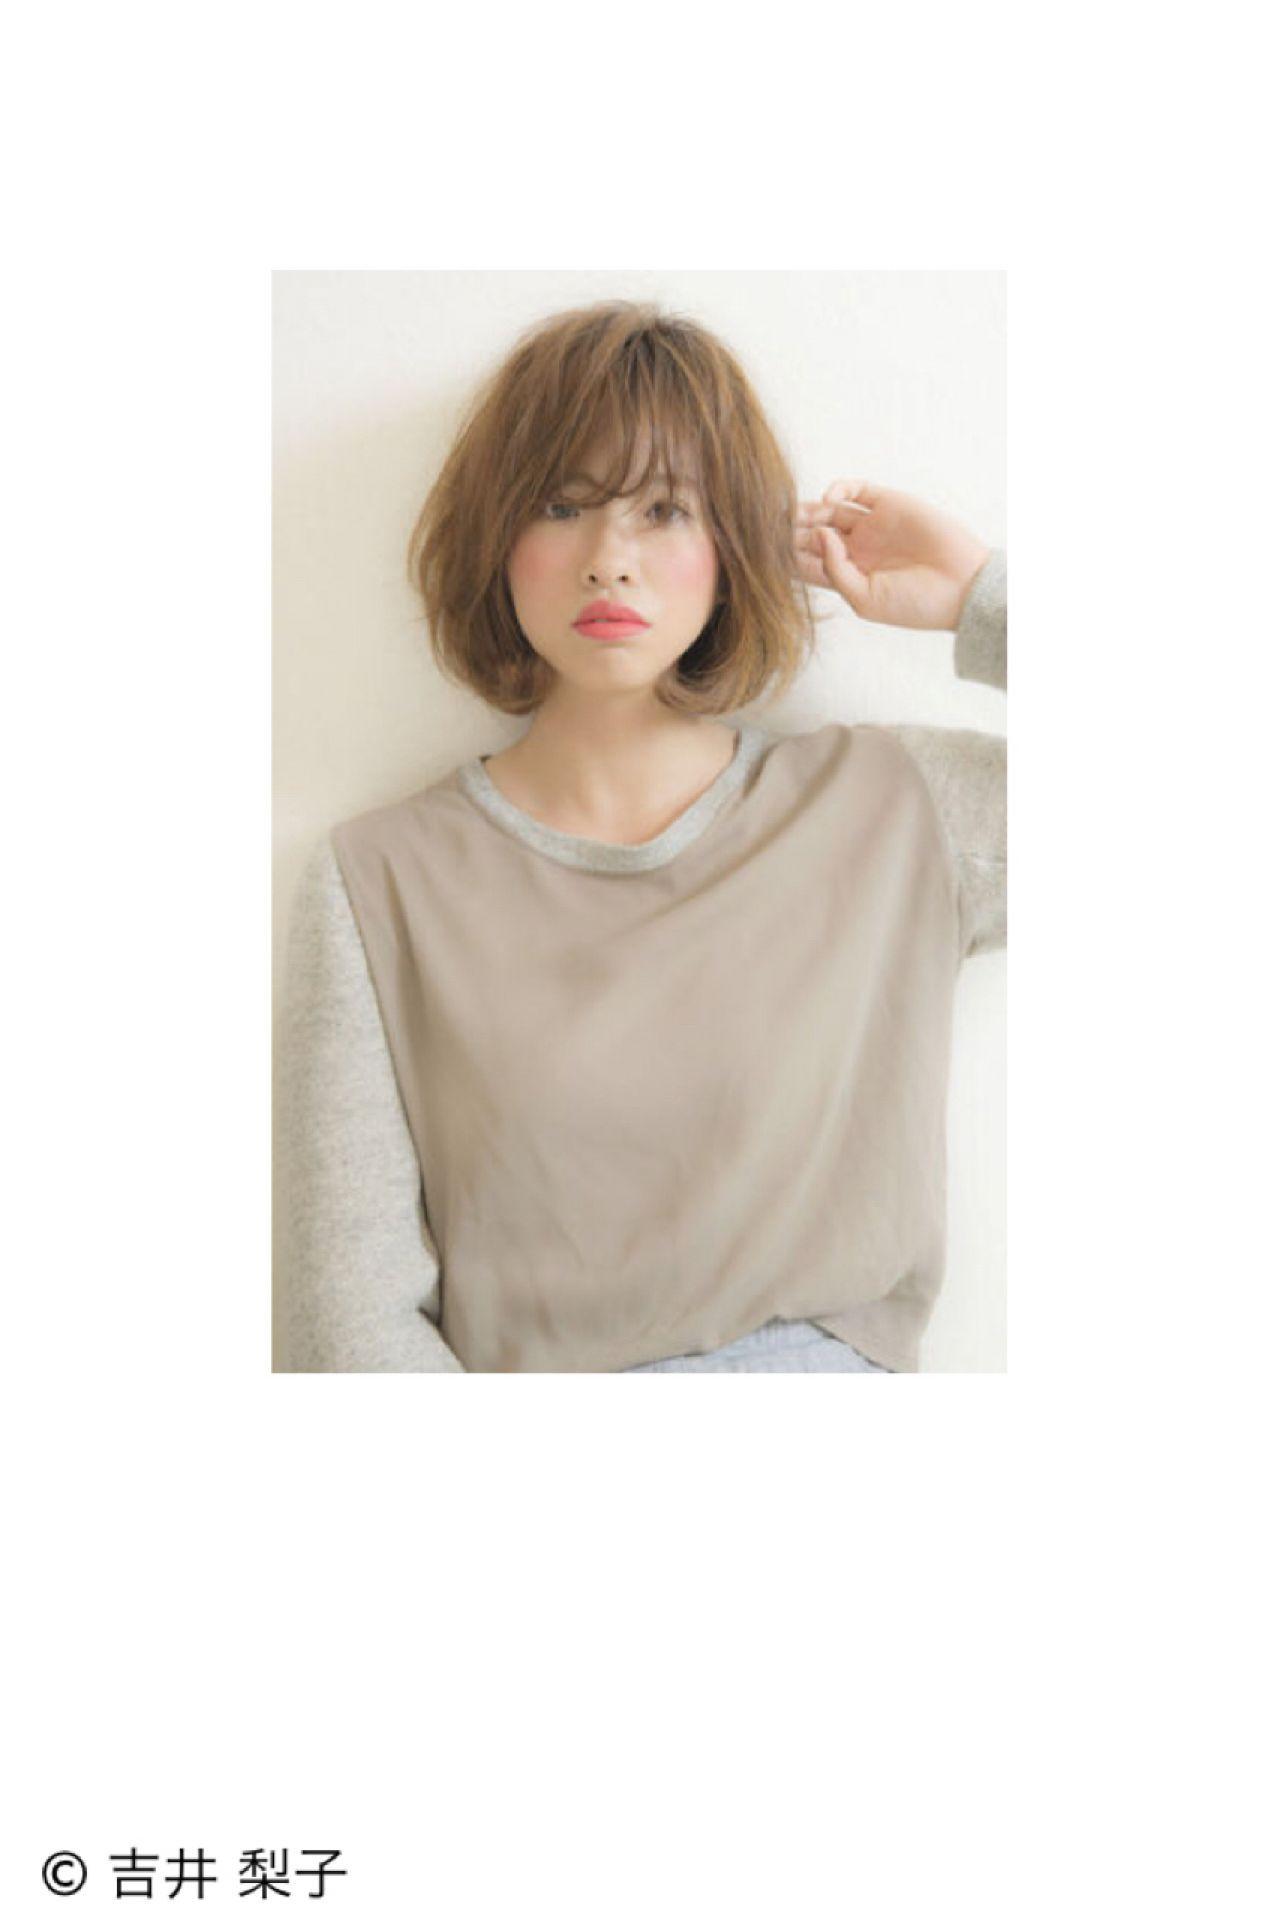 かわいい子はやっている♡ふんわり前髪の作り方と崩れない方法 吉井 梨子